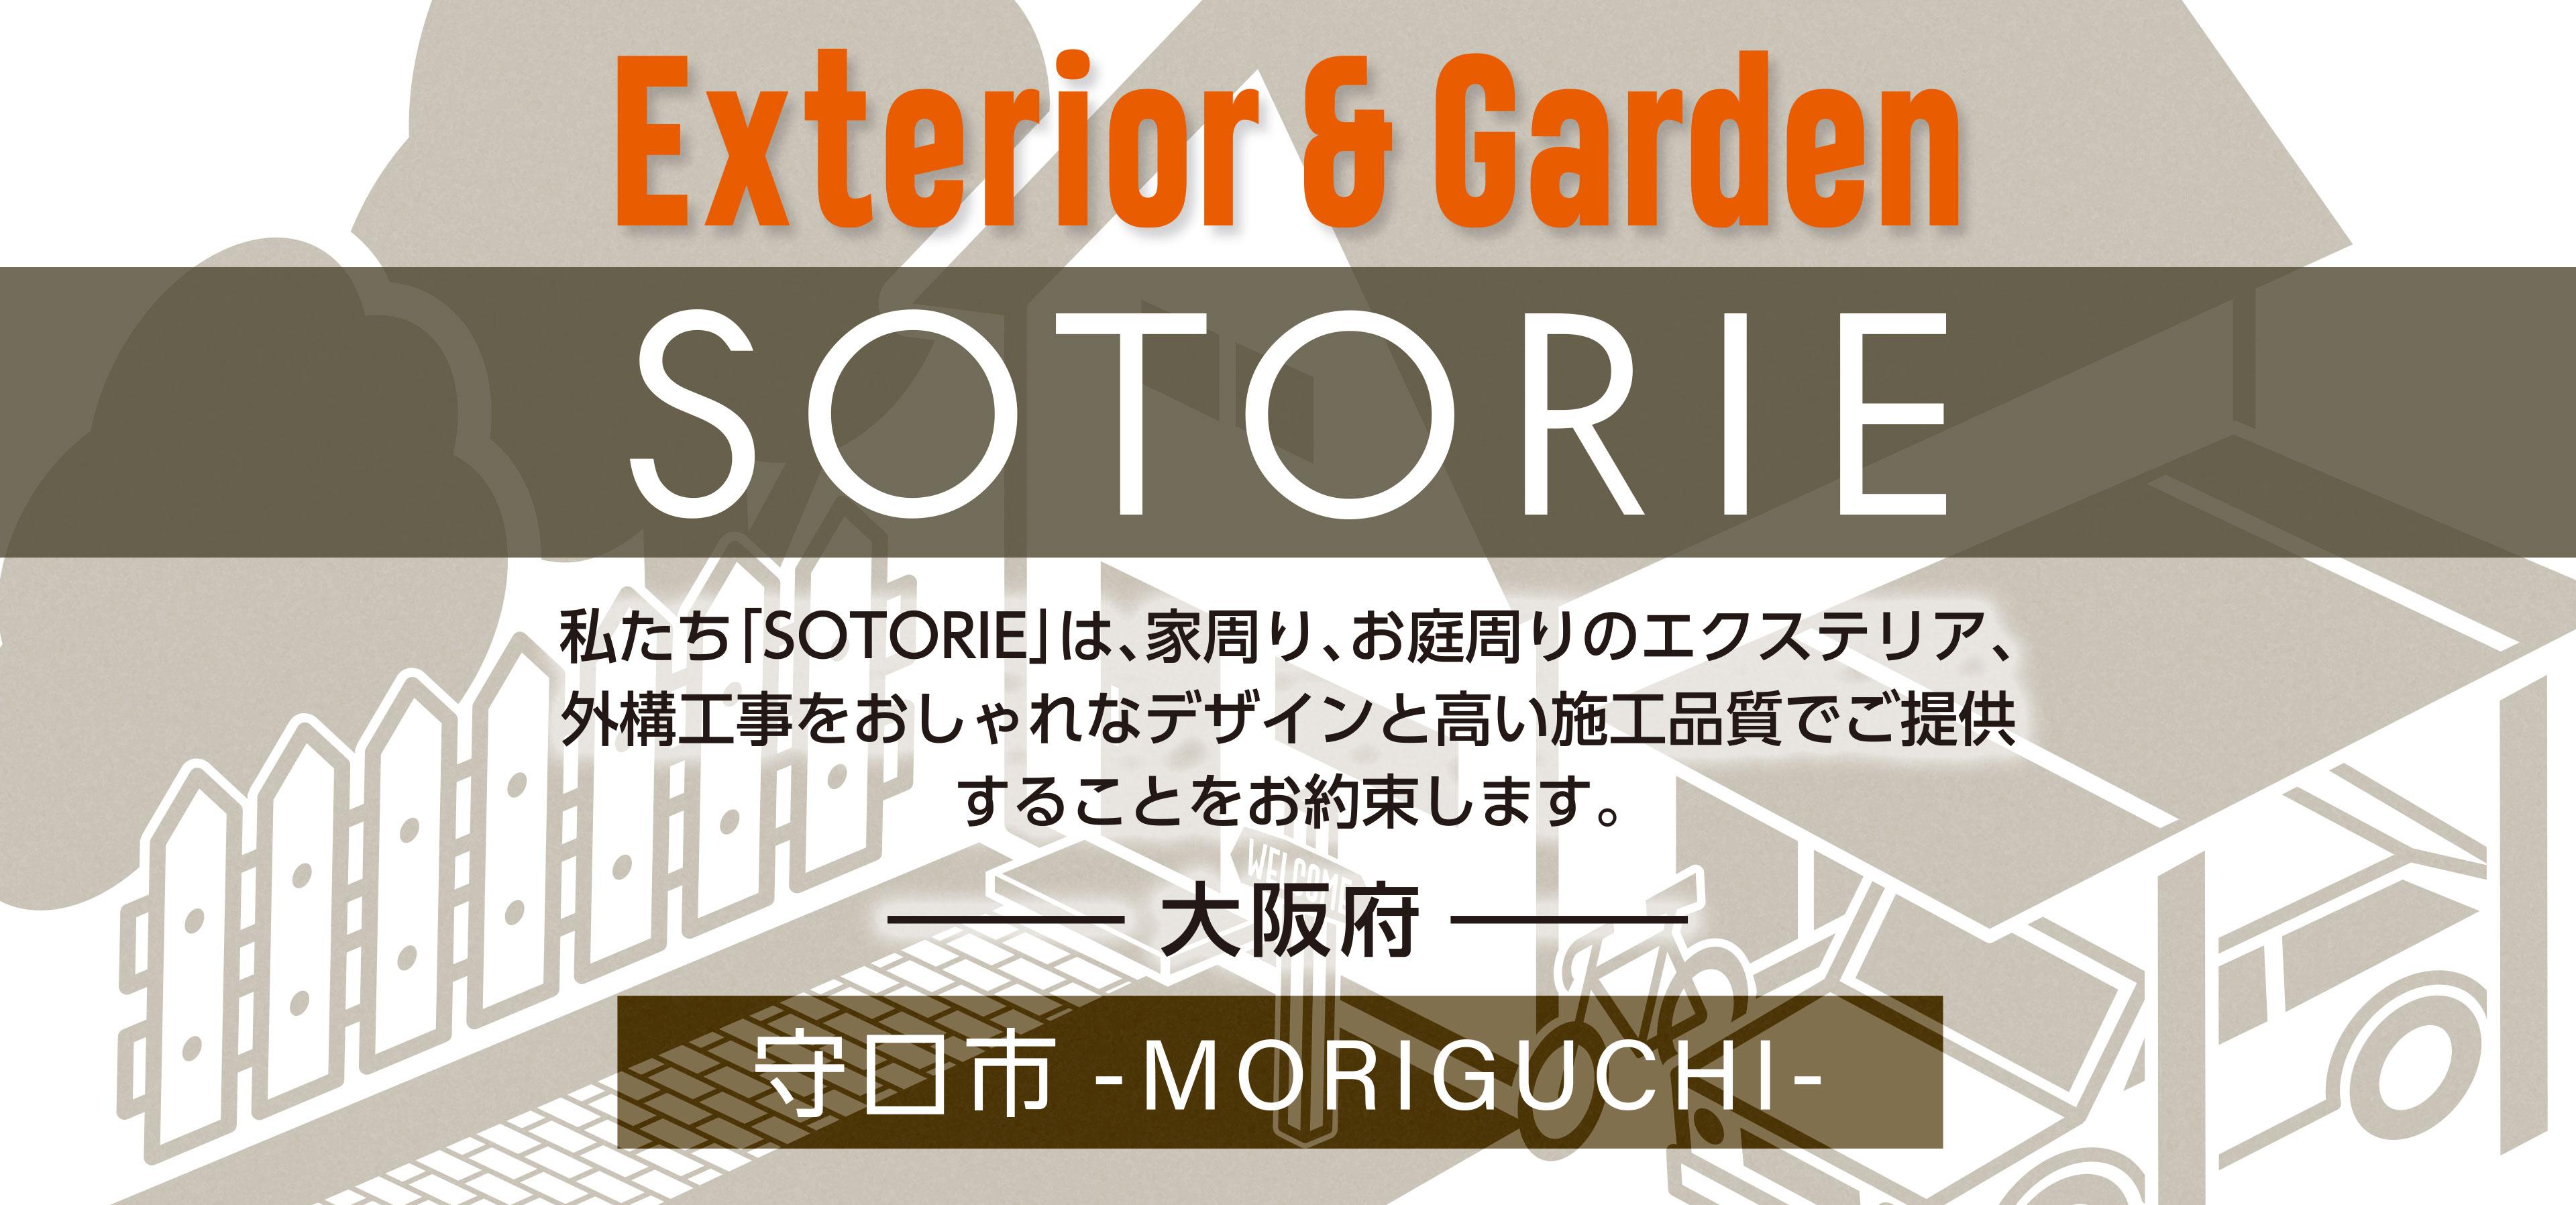 ソトリエ守口市では、家周りと庭周りの外構、エクステリア工事をおしゃれなデザインと高い施工品質でご提供することをお約束します。